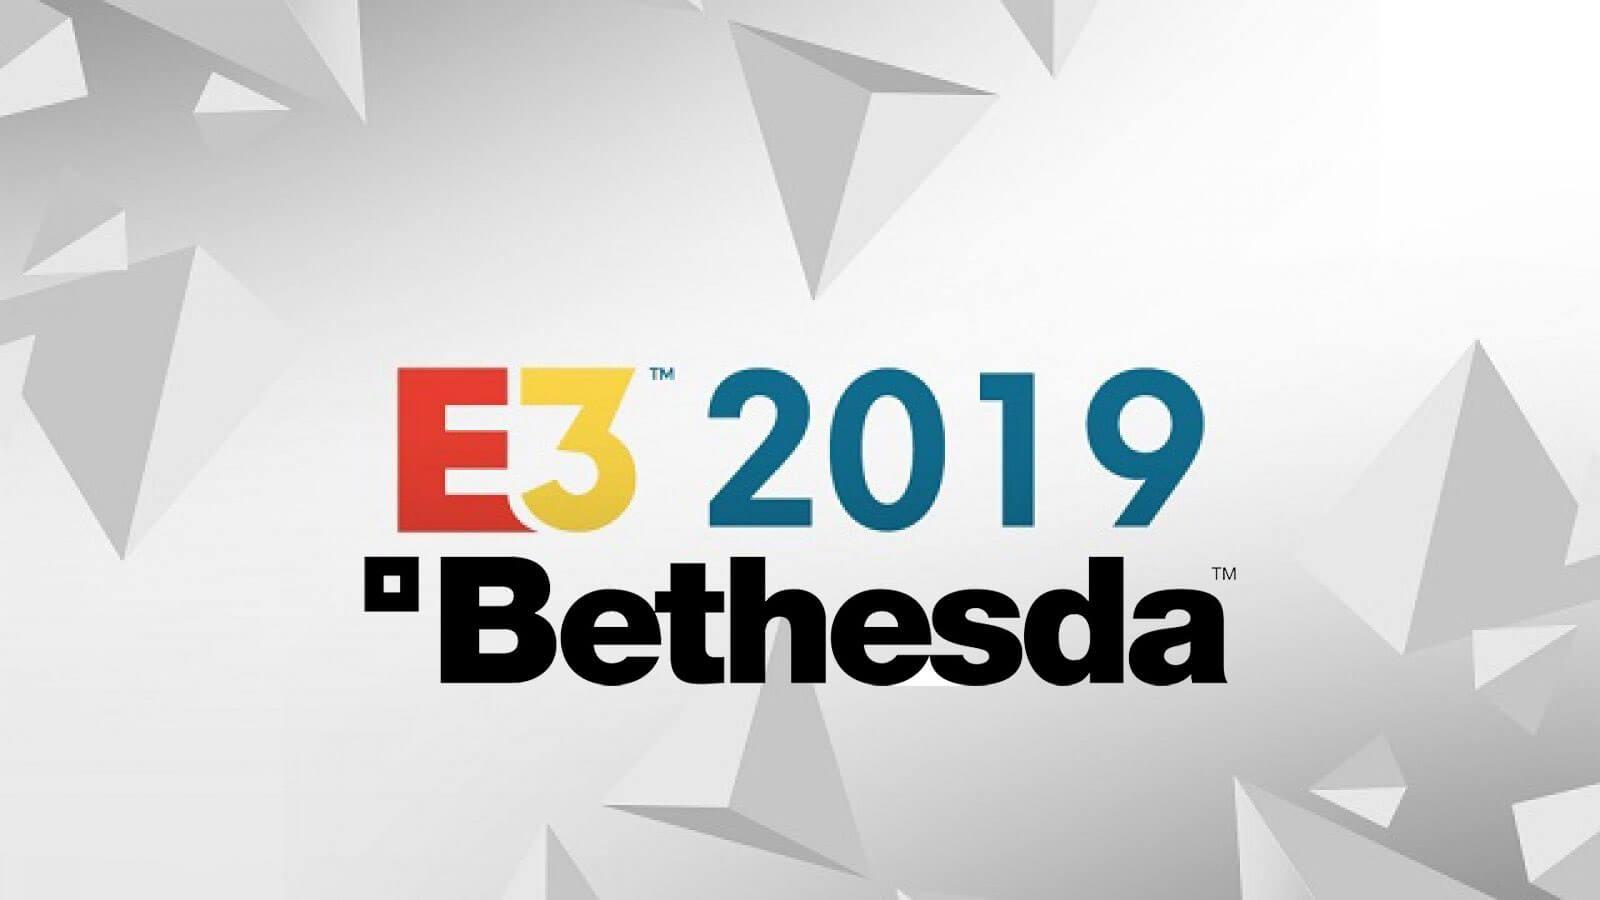 Foto de Especial E3 2019 – BETHESDA com DOOM Eternal e mais